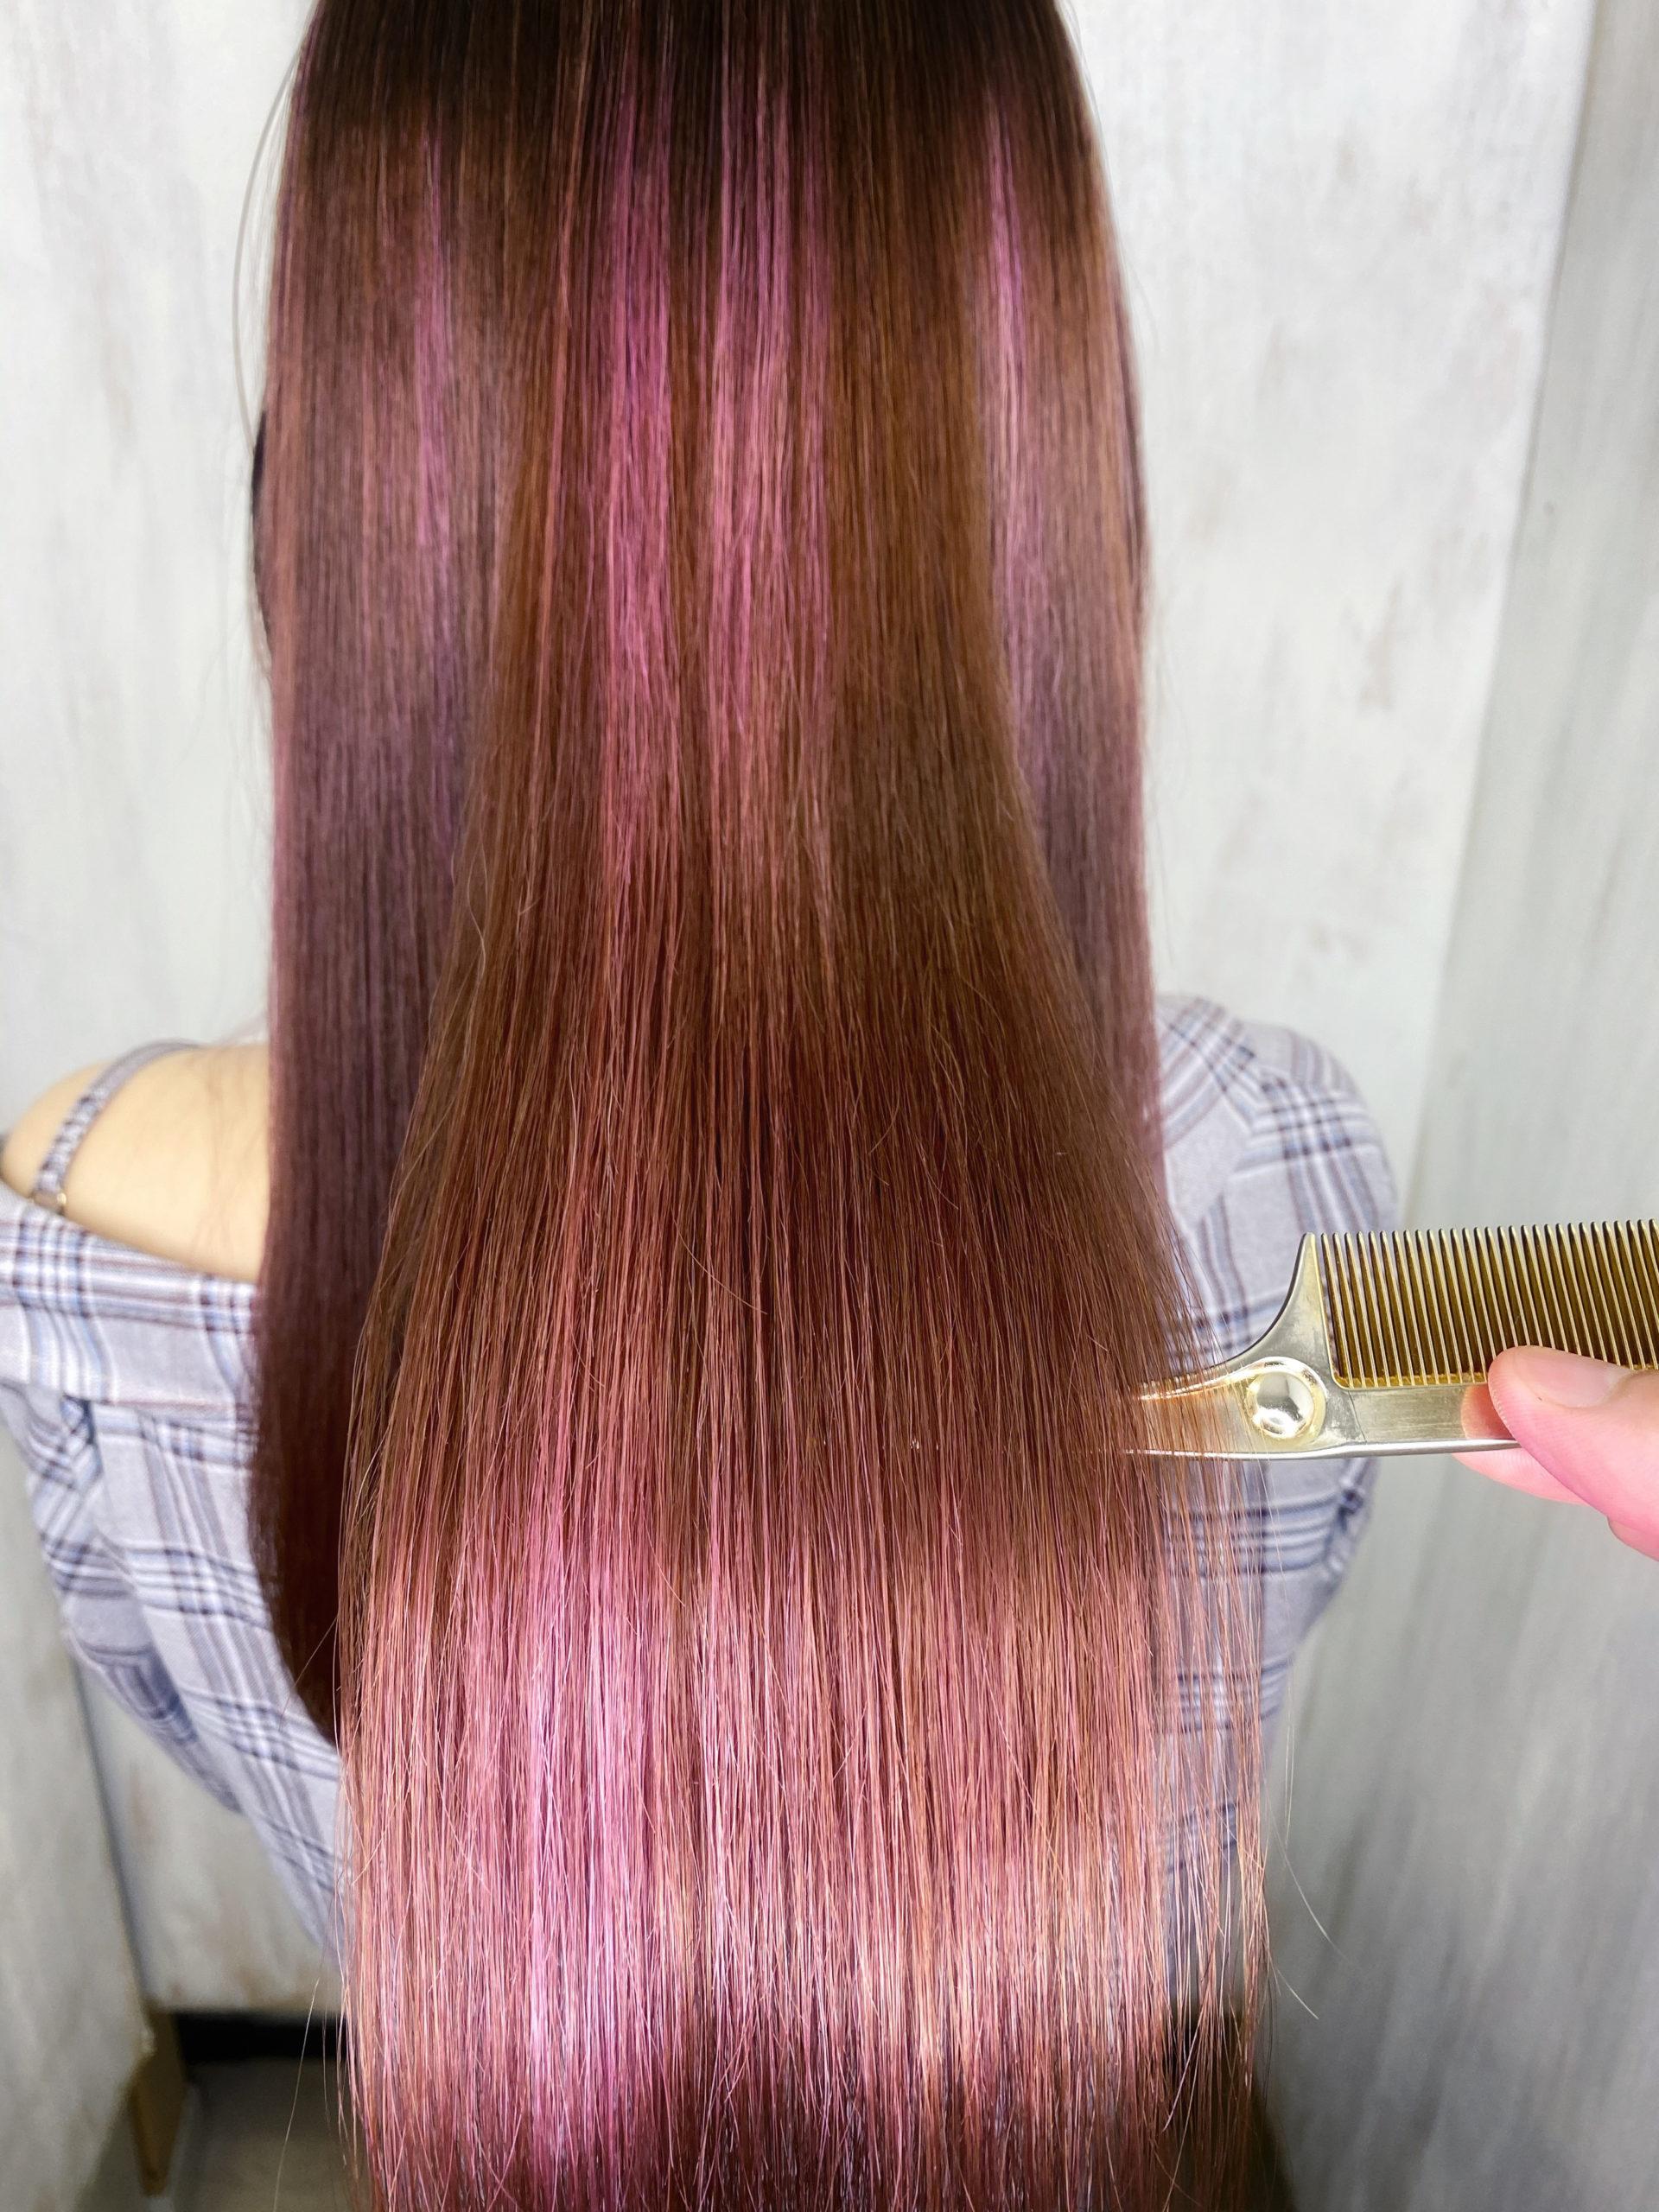 ブリーチ毛の縮毛矯正でつやっつやの艶髪。原宿・表参道『髪のお悩みを解決するヘアケア美容師の挑戦』